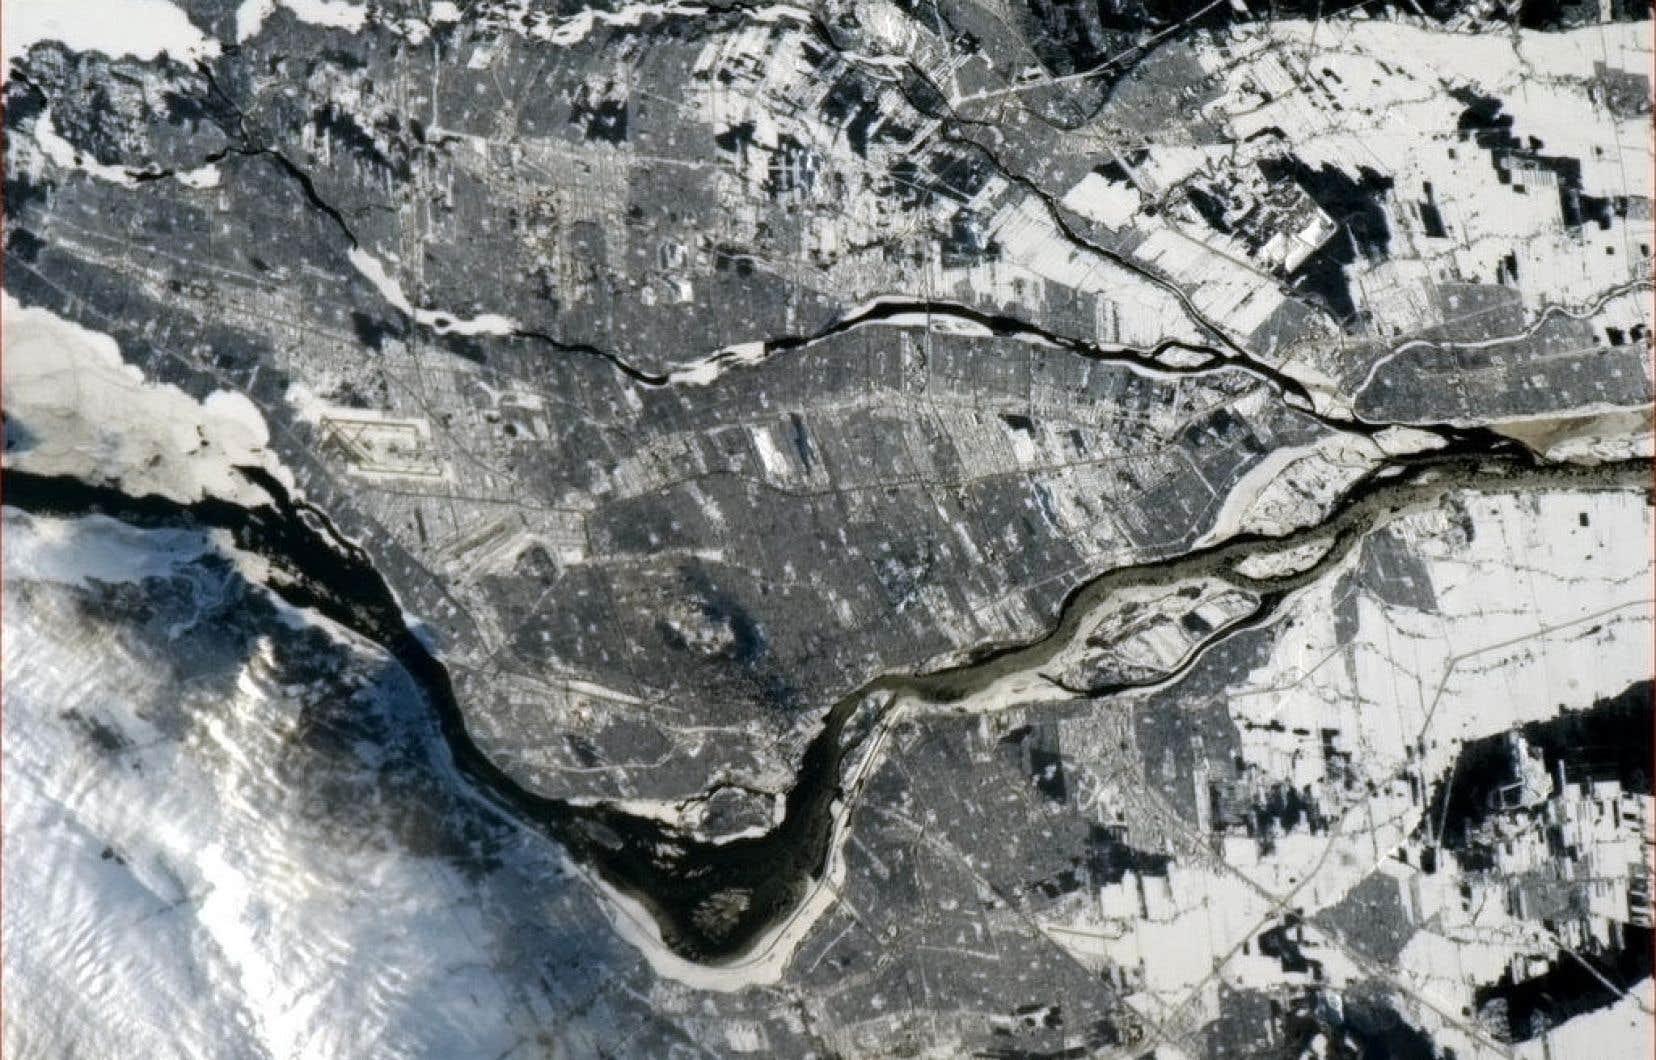 Le regard spatial de Chris Hadfield pos&eacute; sur Montr&eacute;al<br />